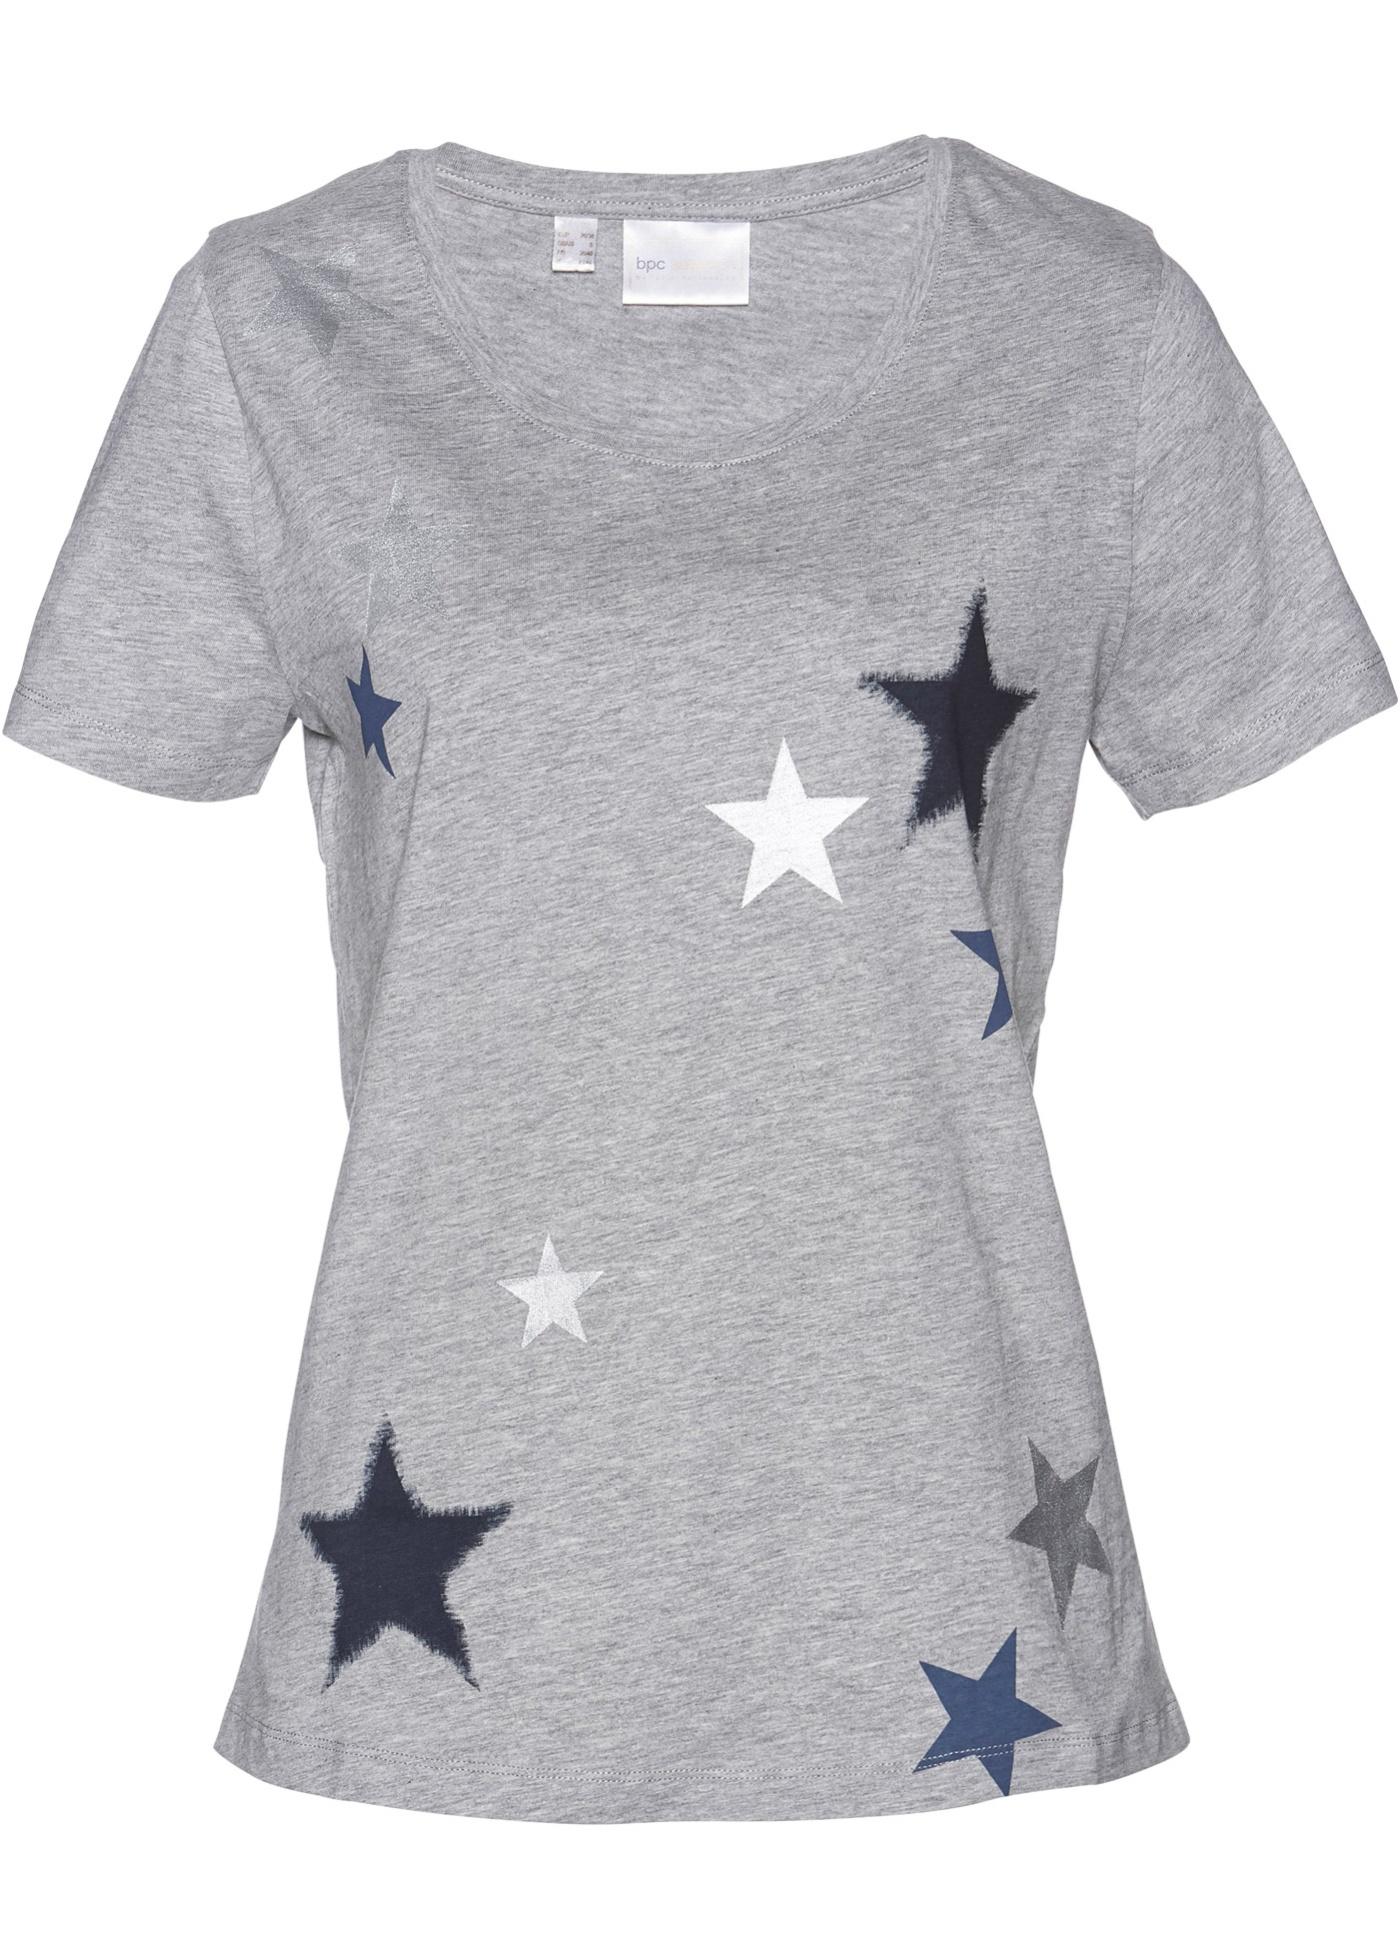 BonprixT Selection Femme Pour shirt Bpc Courtes Manches Gris RAq54Lj3